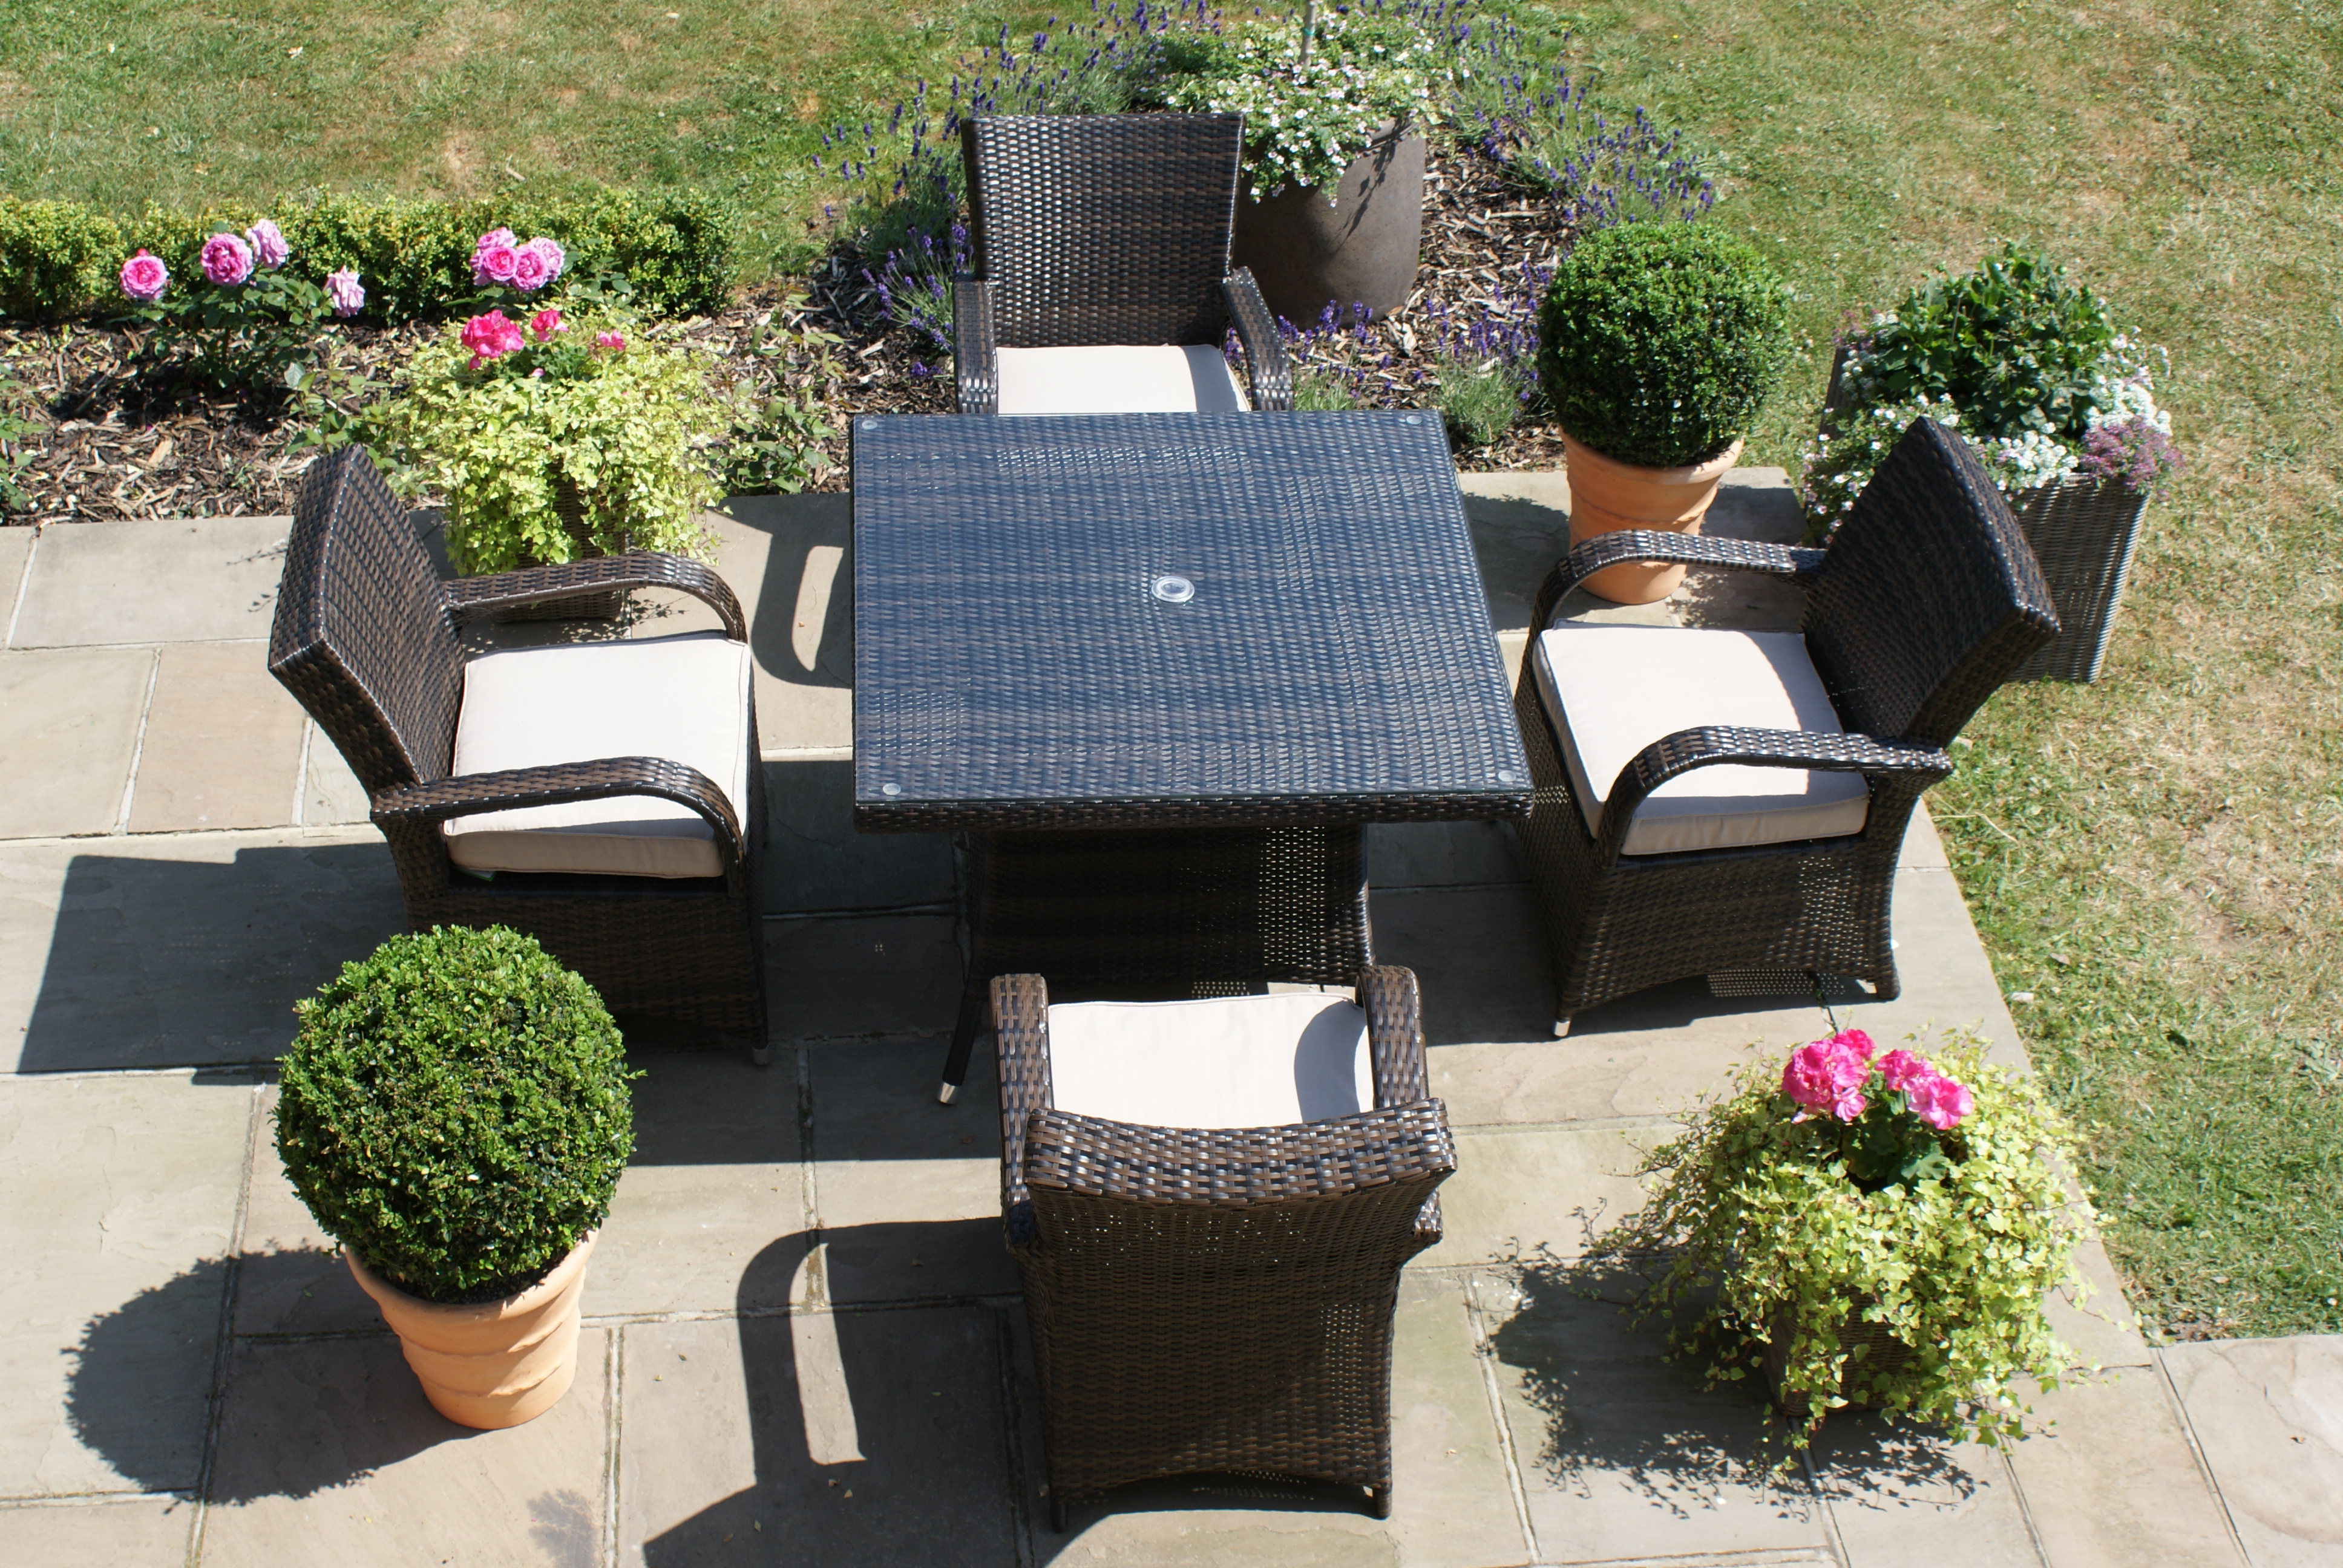 Muebles De Teca Para Jardin Perfect Juego De Mesas Banca Con  # Muebles Teka Jardin